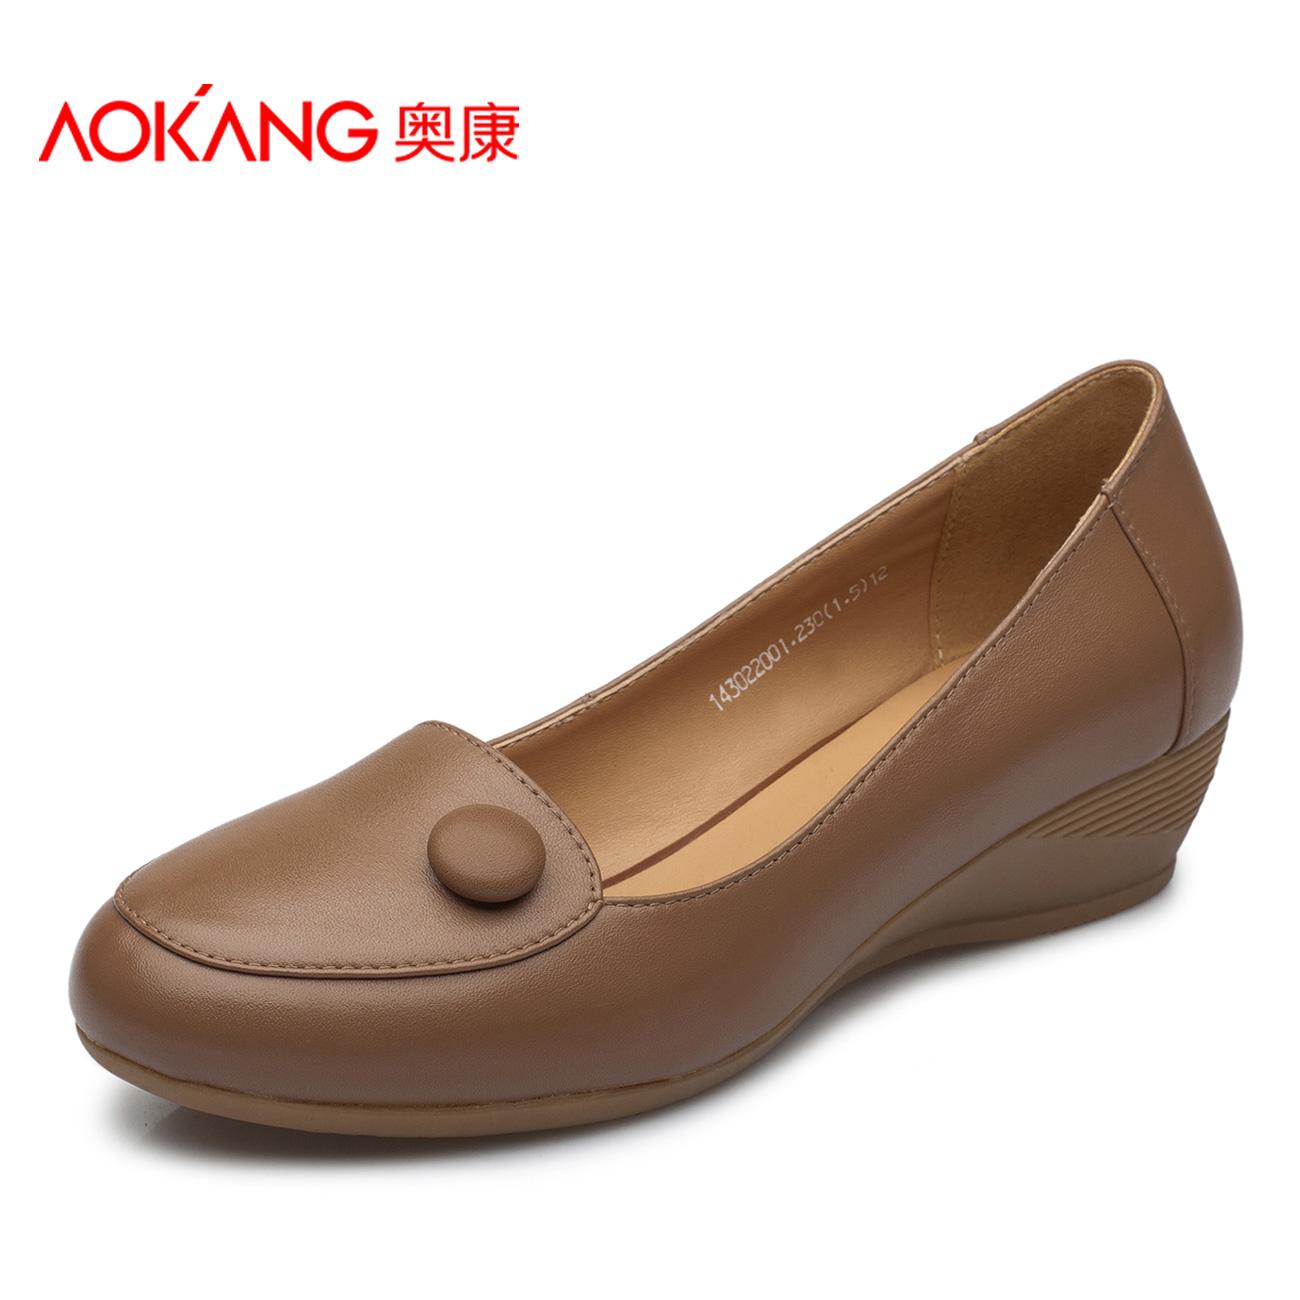 奥康女鞋 单鞋